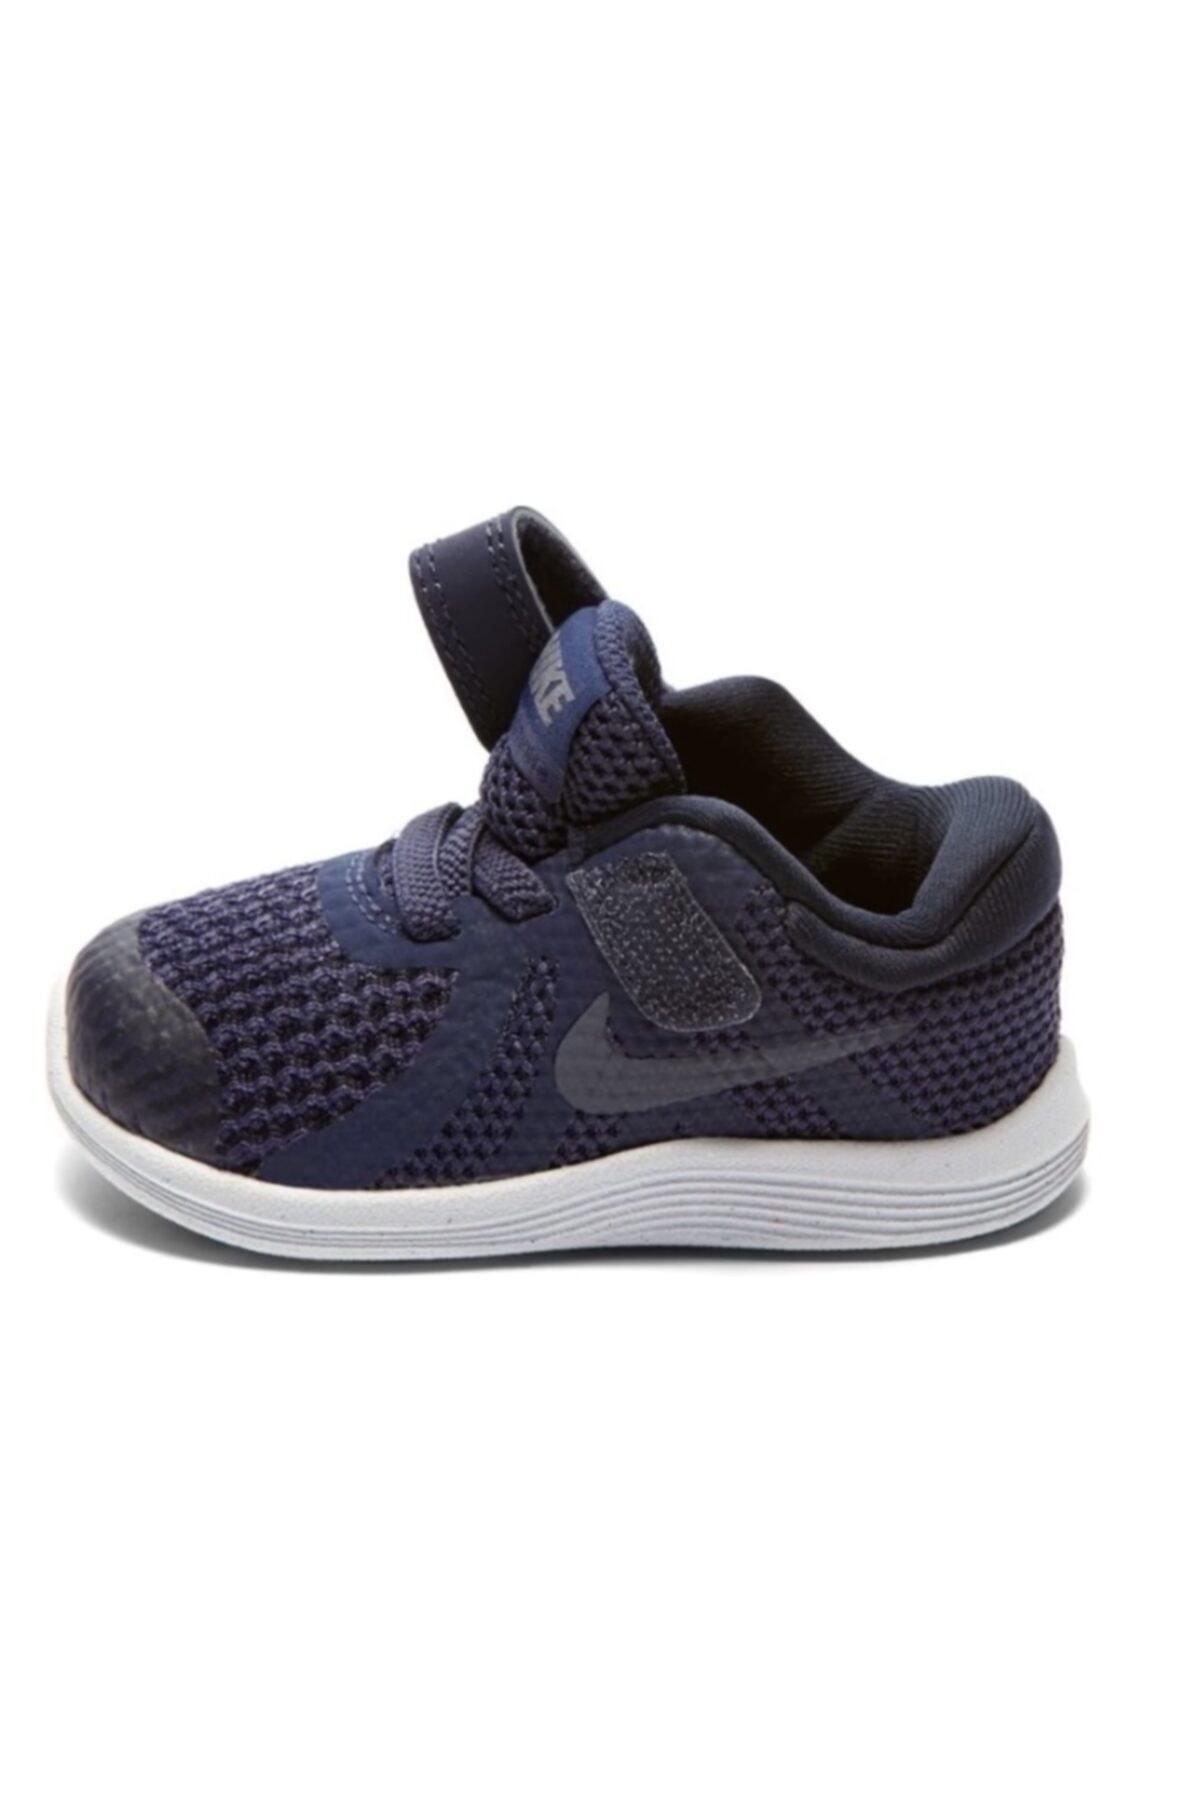 Nike Kids Unisex Çocuk Lacivert Revolution 4  Ayakkabısı 943304-501 2